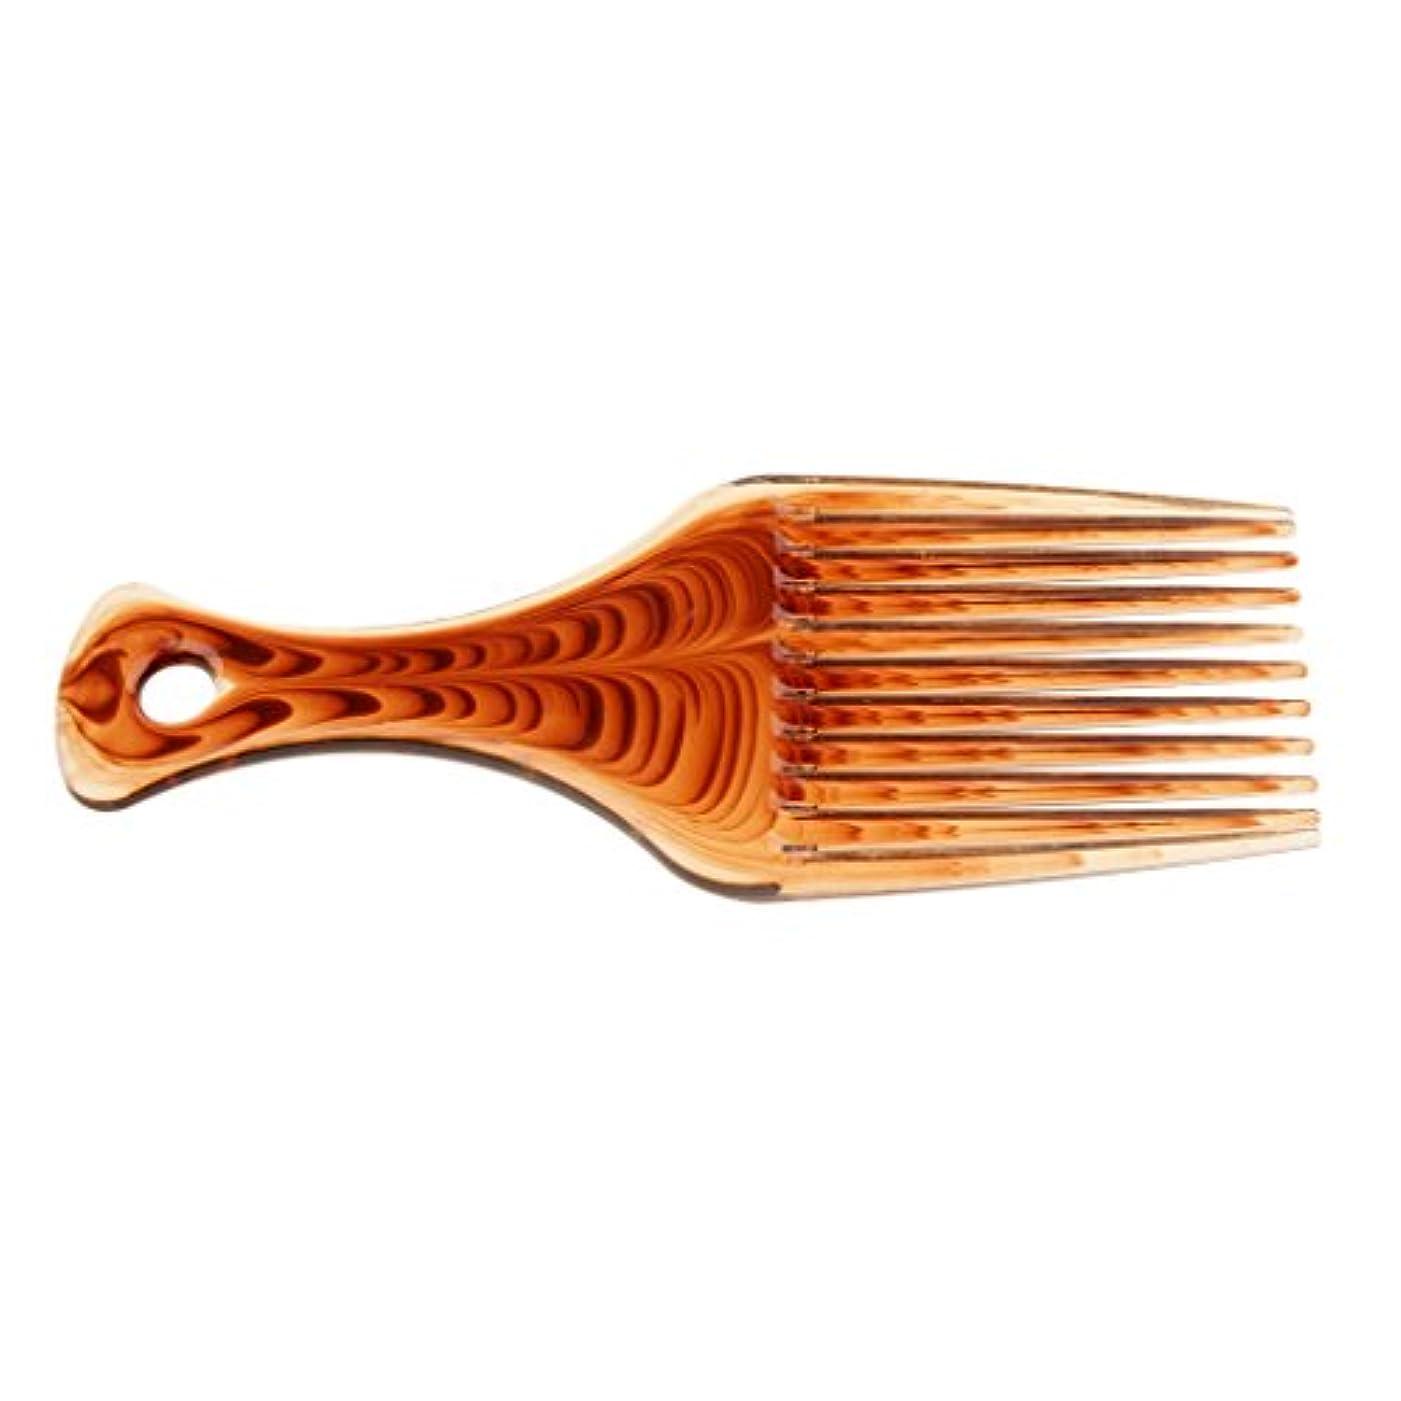 漏斗自治的アプライアンスPerfk ヘアブラシ 髪の櫛 プラスチック製 サロン バリバー アフロ ヘアピック ブラシ 櫛